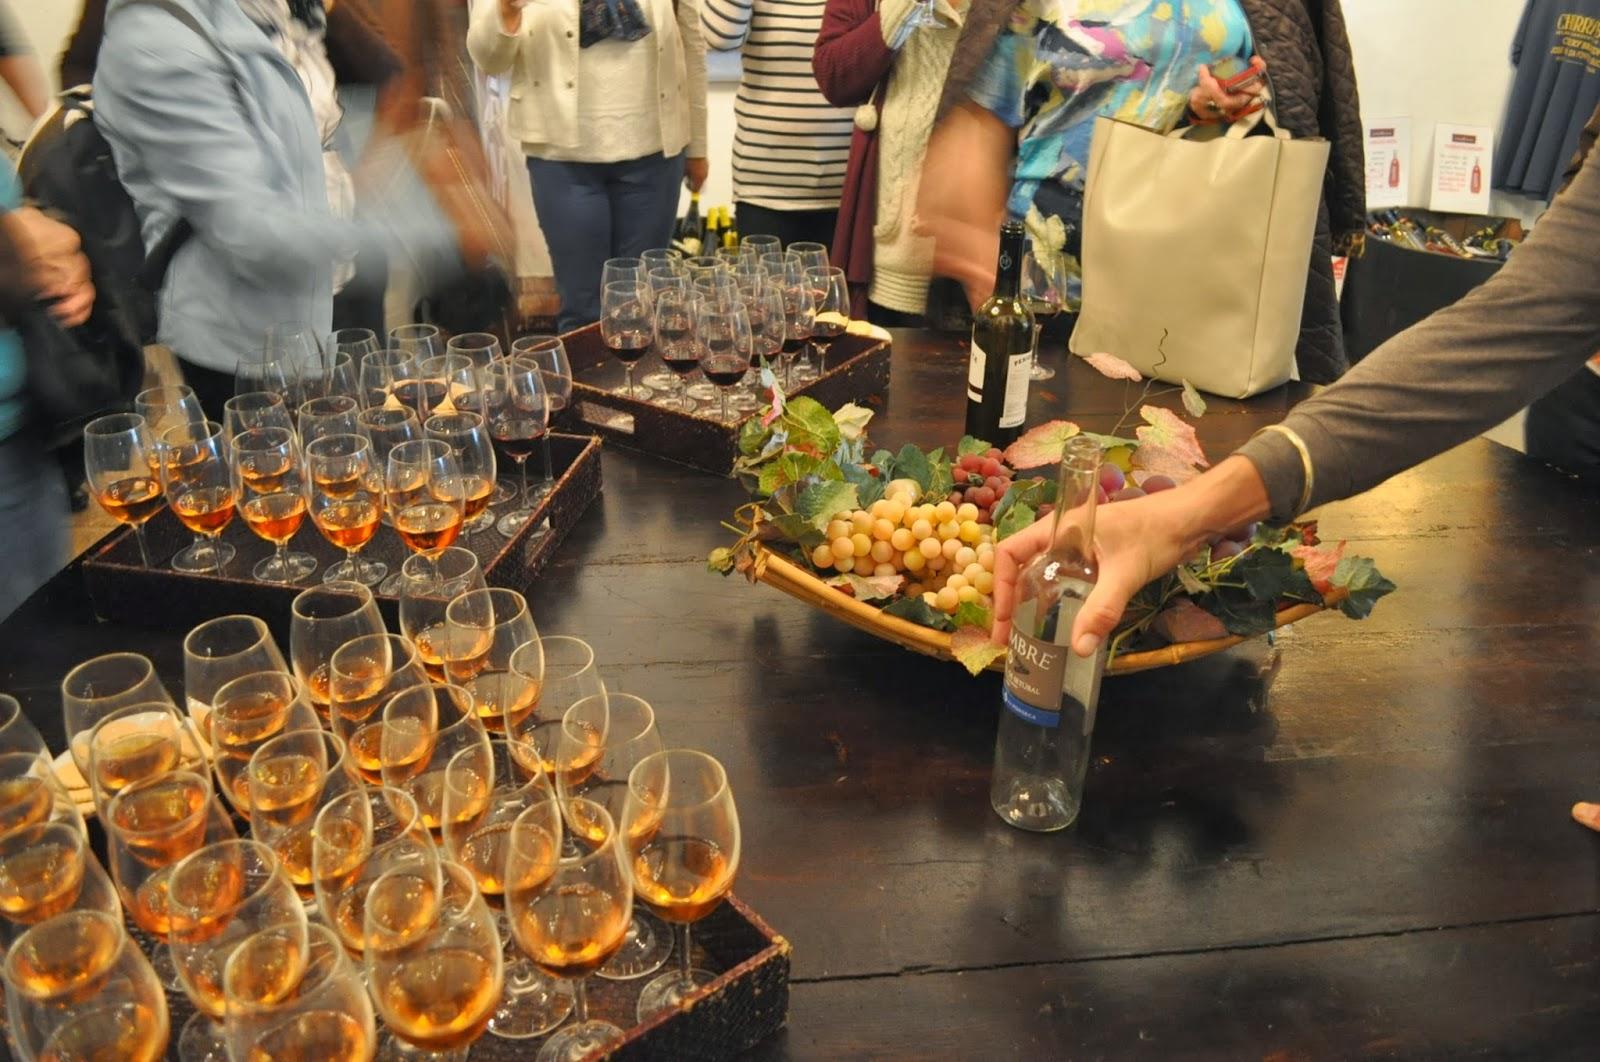 Посещението на избата Фонсека включва и дегустация на местните реномирани вина от района Алентежо, известен с превъзходните си вина.